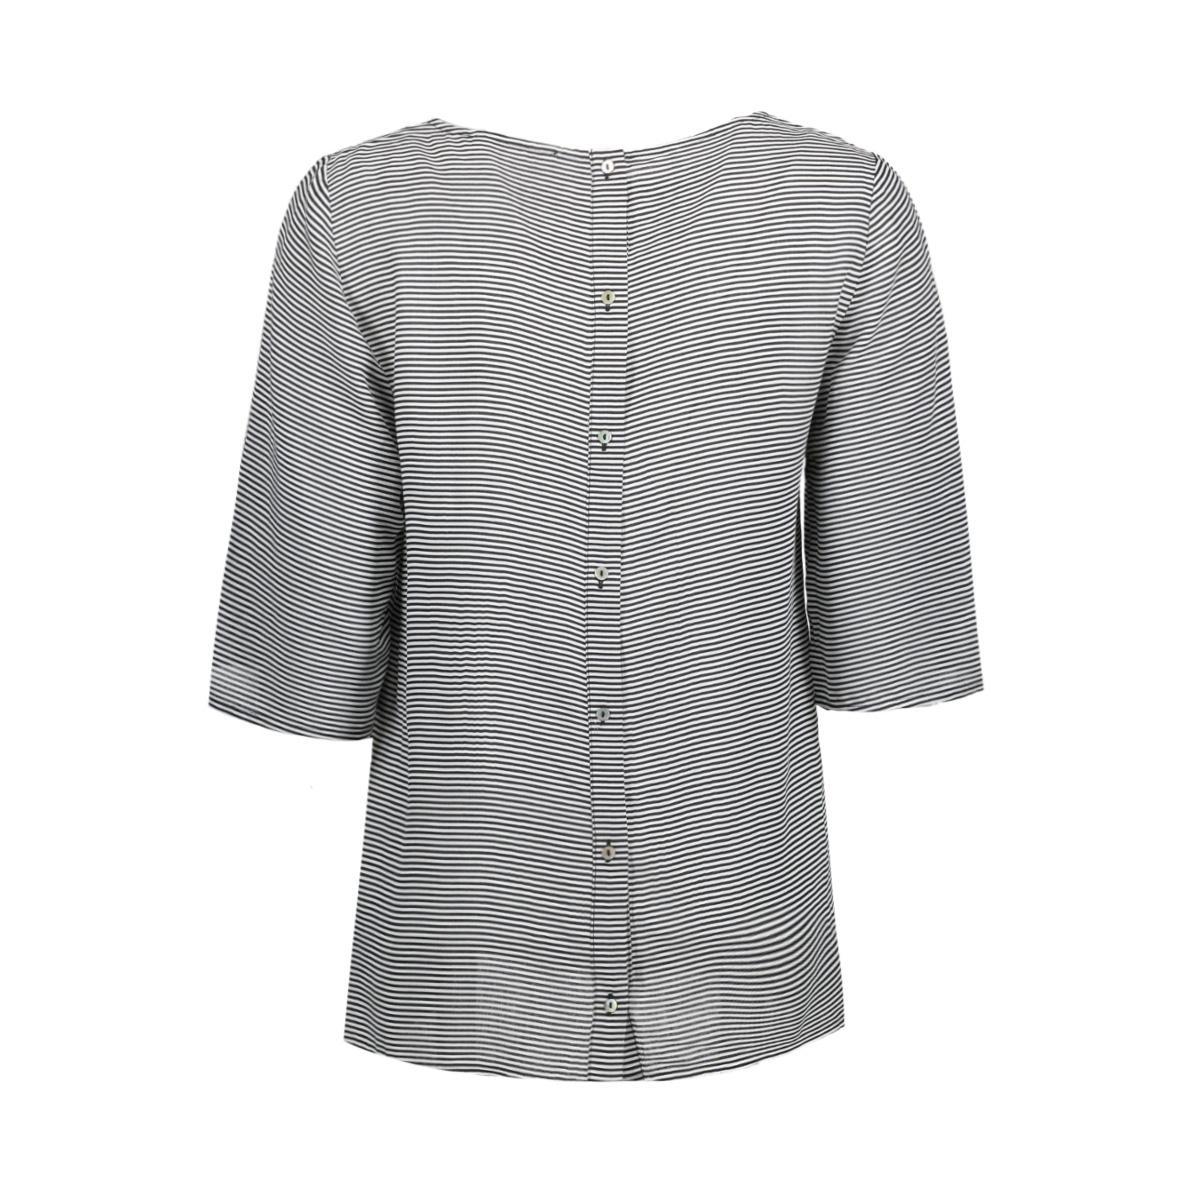 077ee1f001 esprit blouse e002